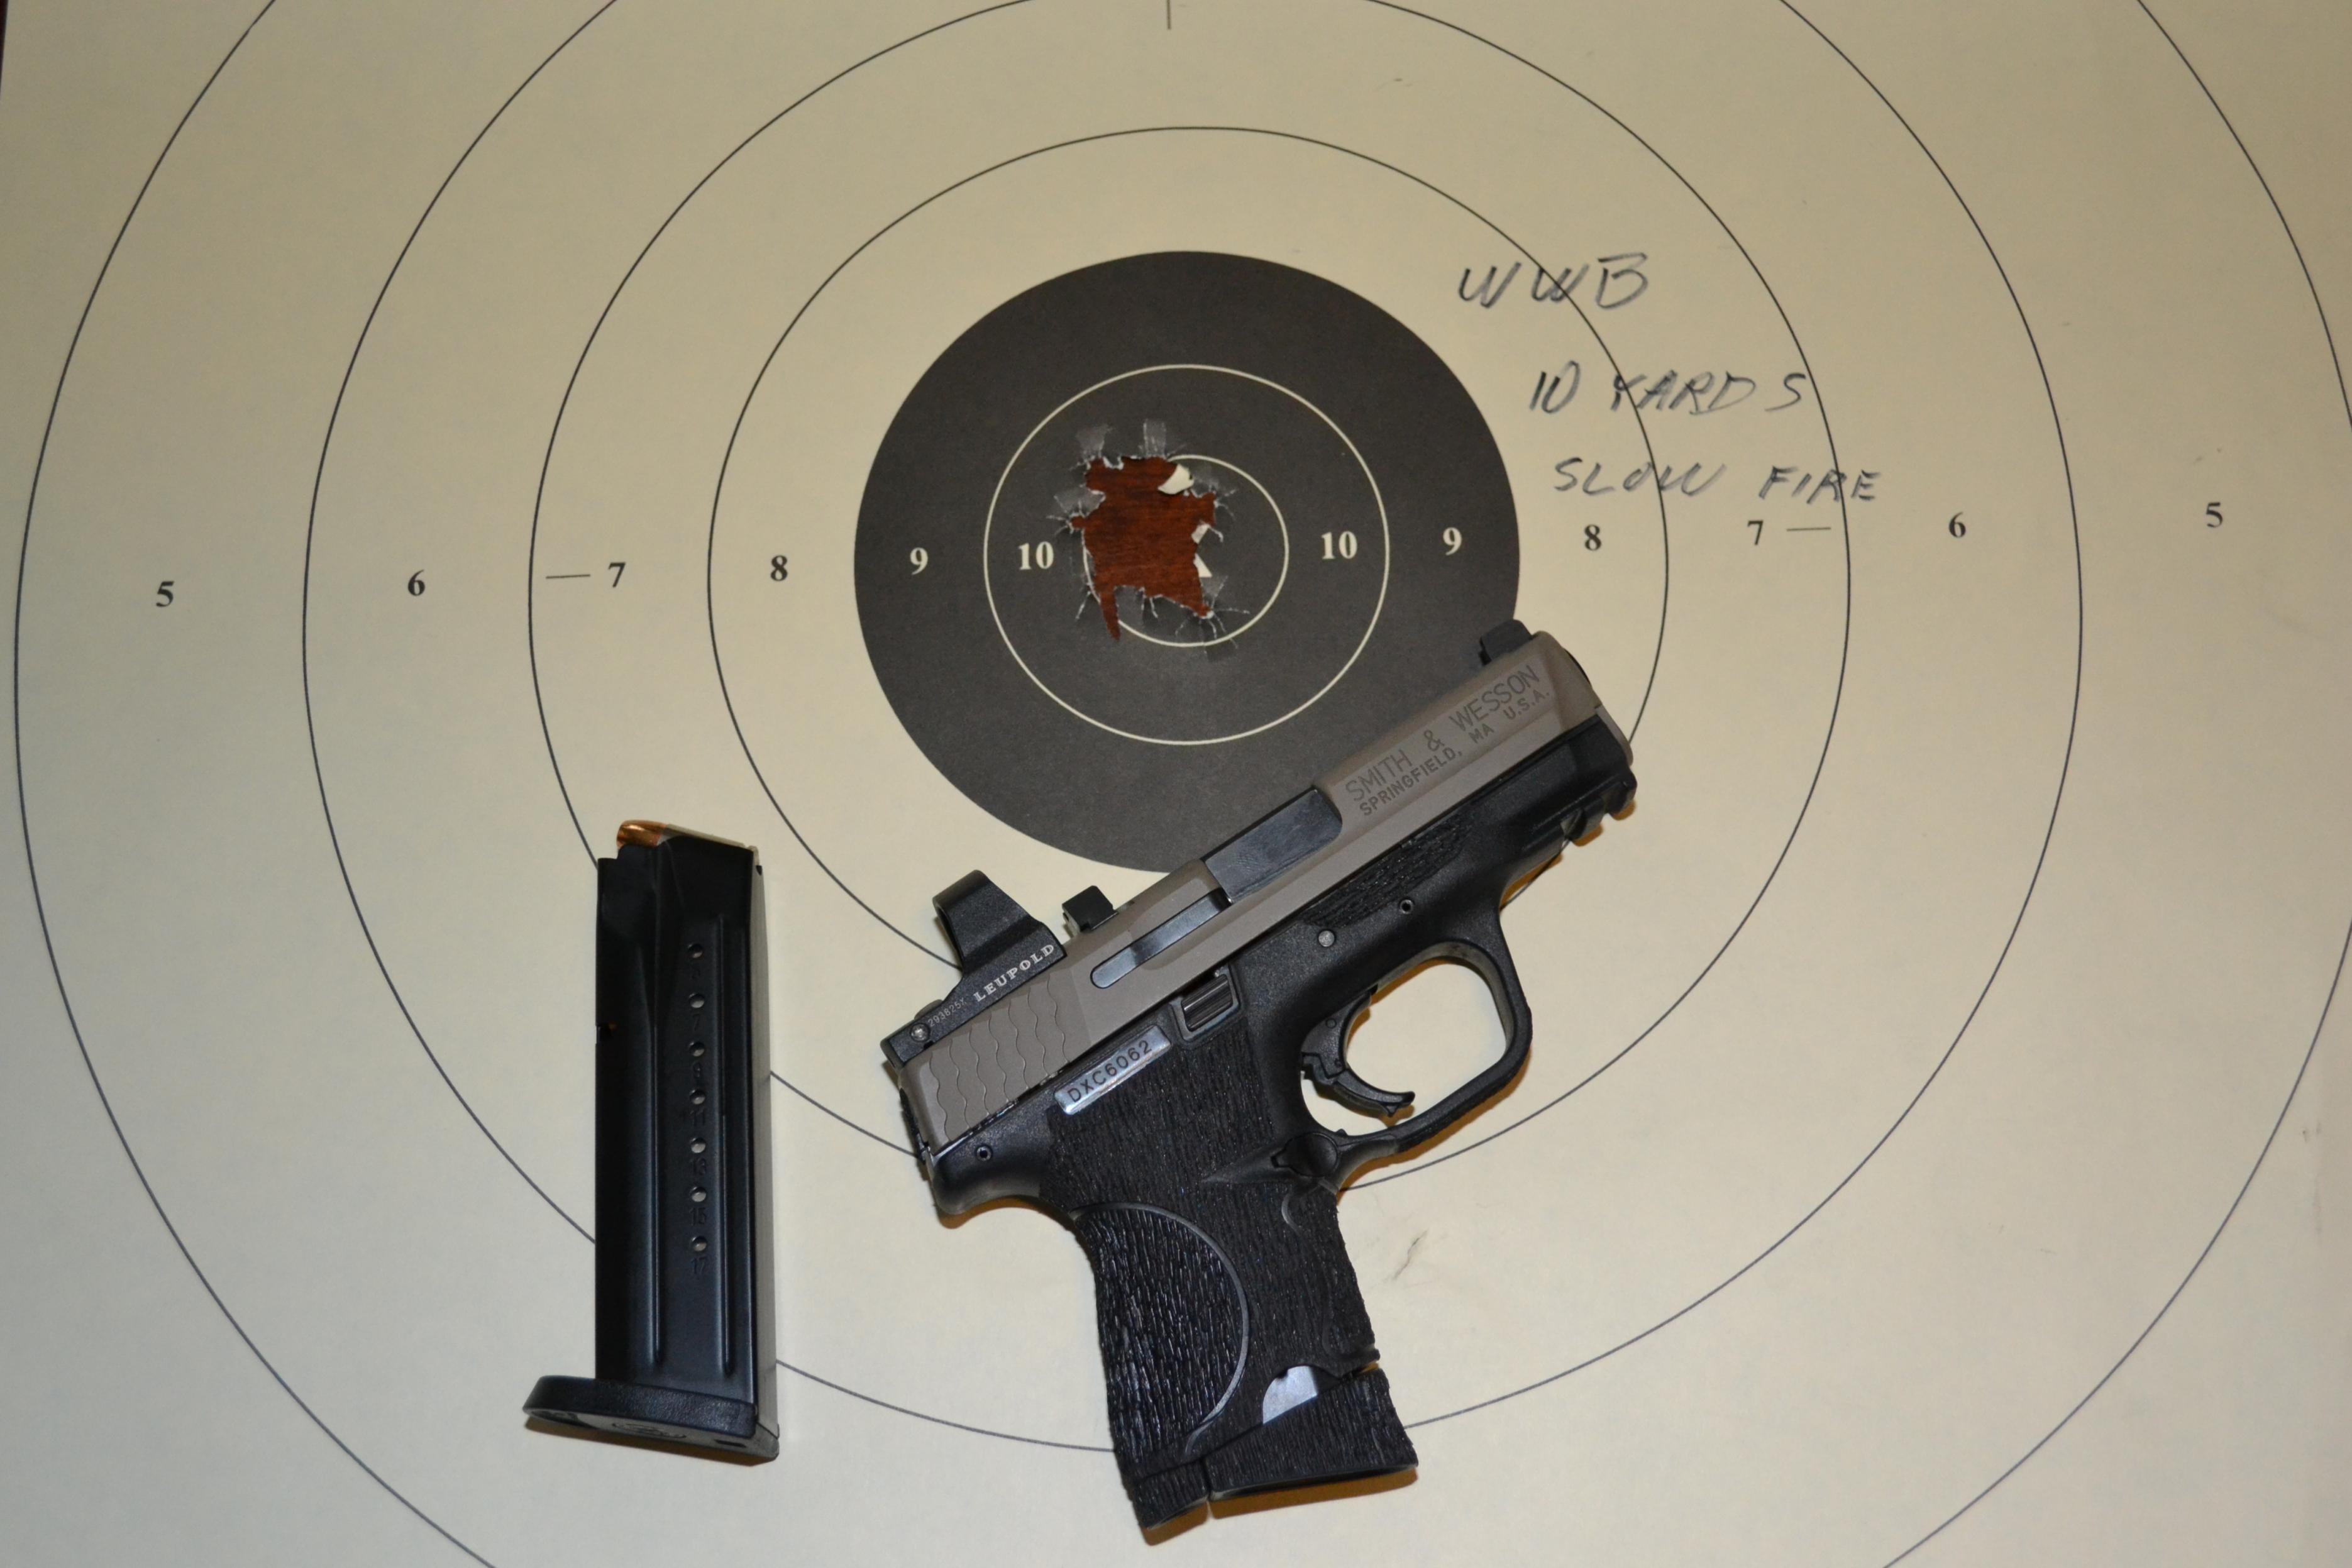 Bowie Tactical M&P9c Range Report-dsc_0050.jpg